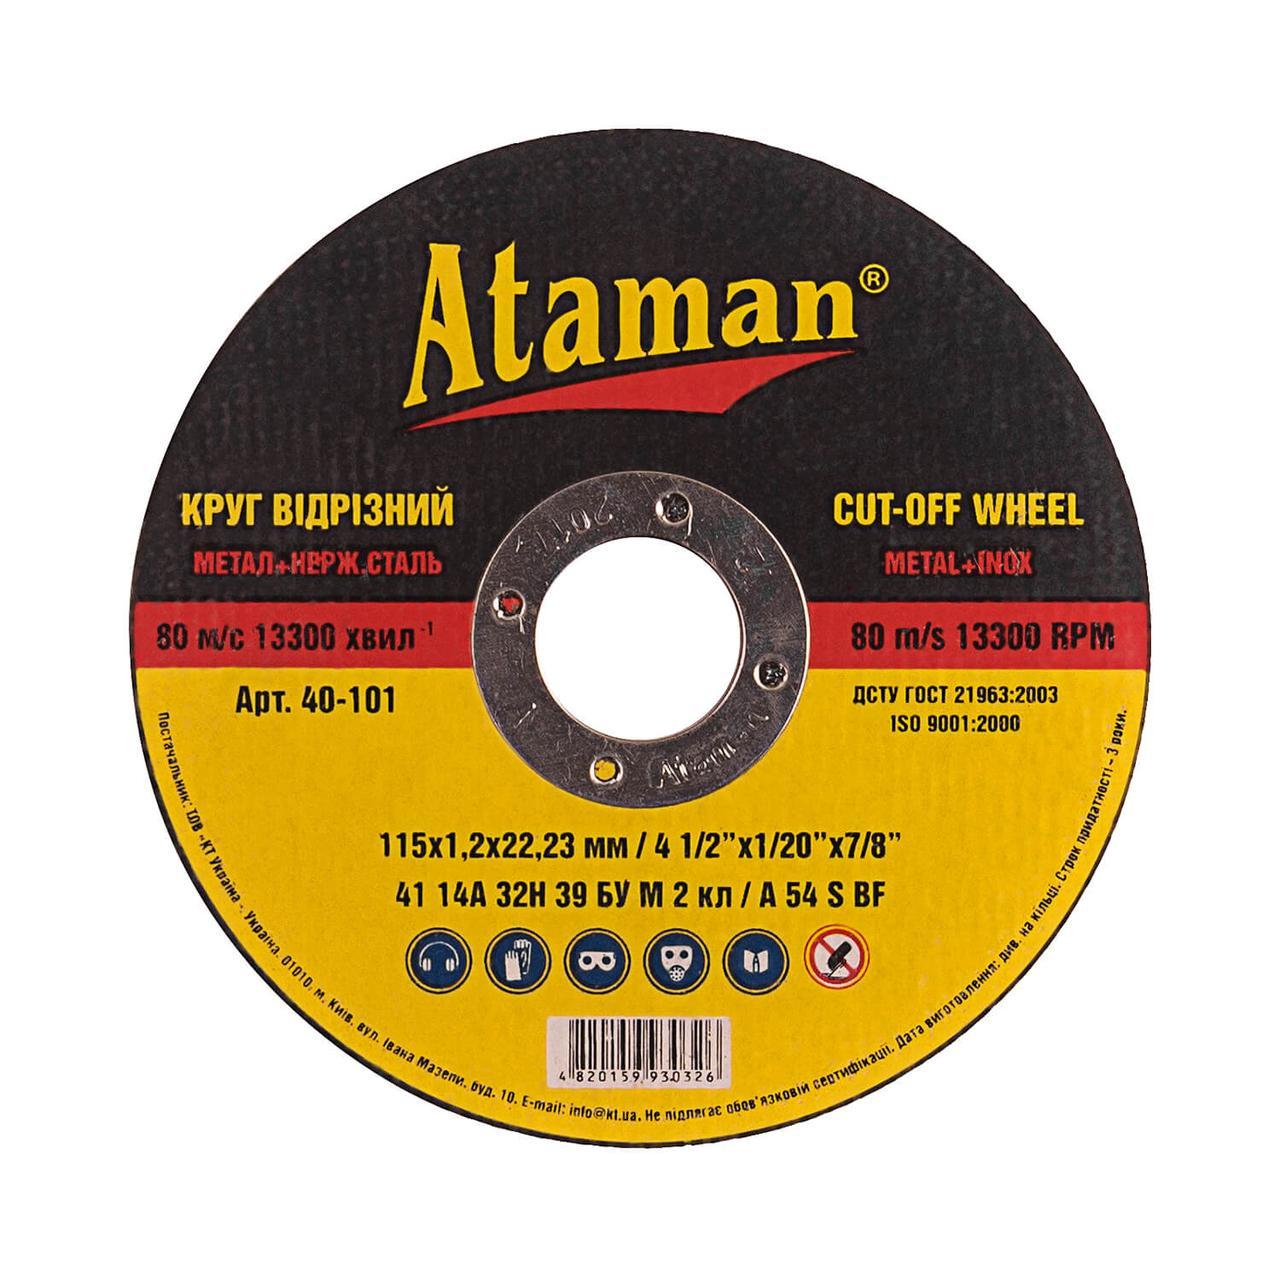 Круг відрізний для металу Ataman 41 14А 115 1,2 22,23 40-101